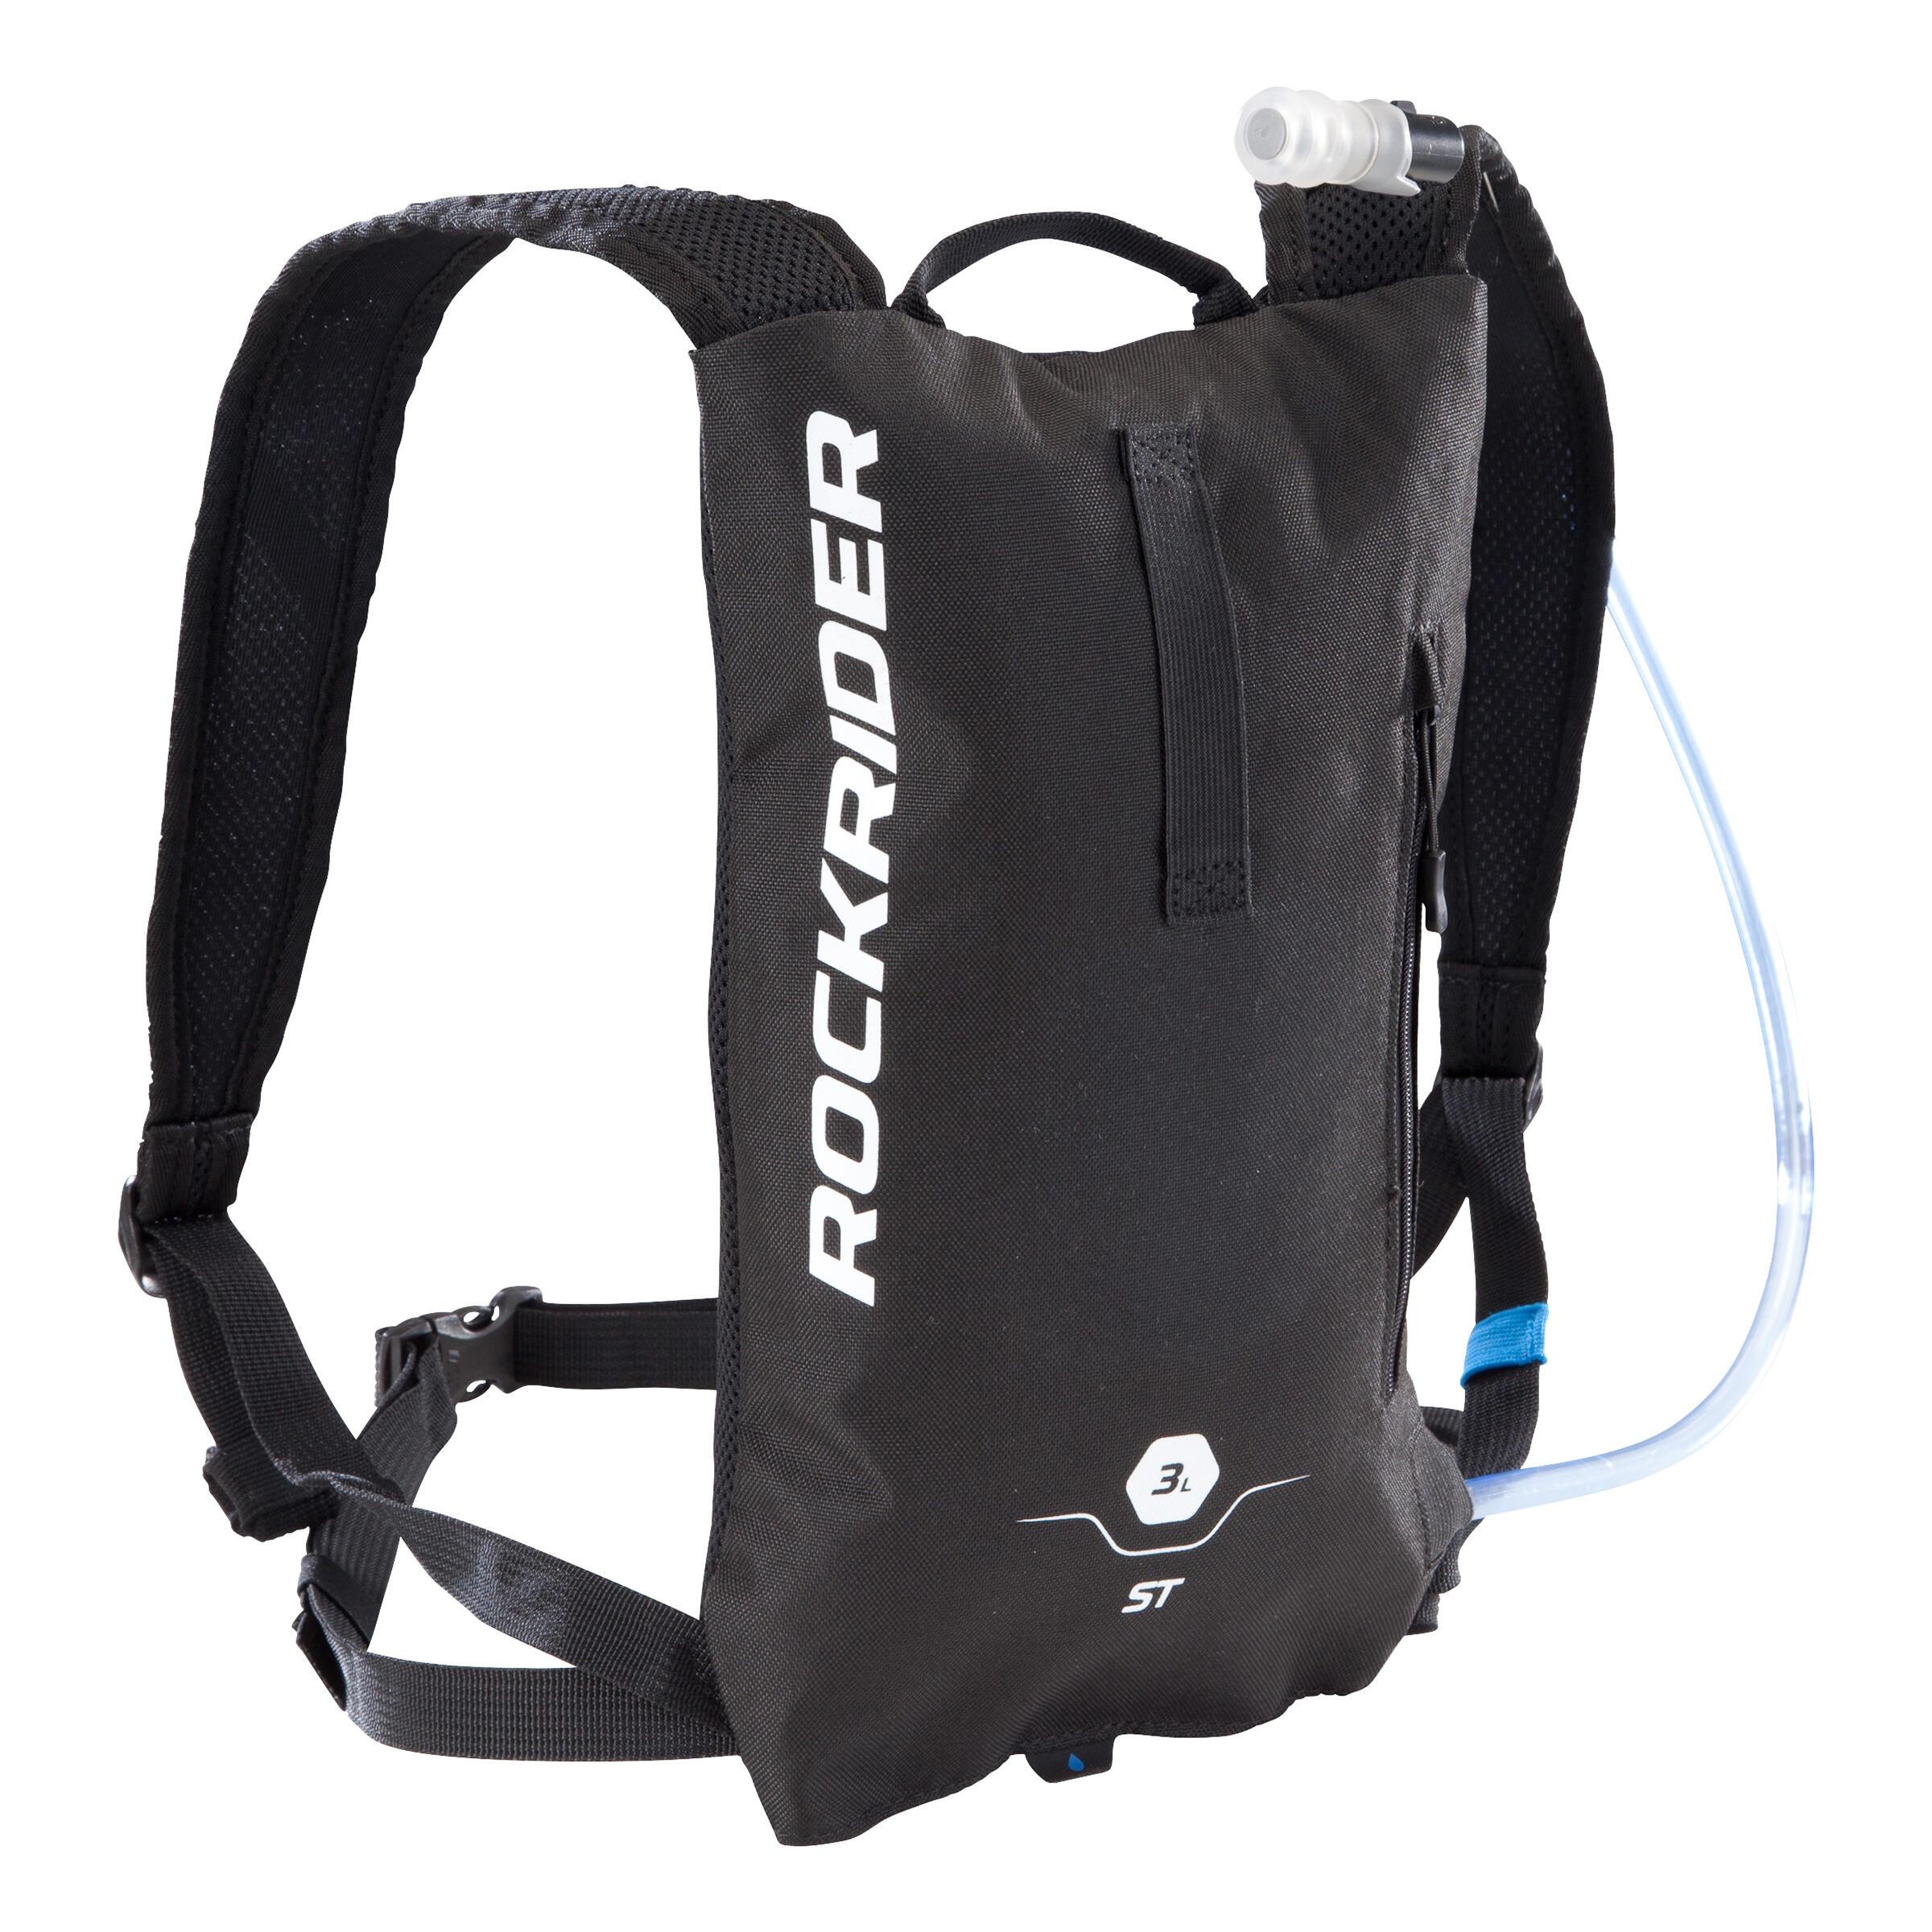 Accesorios para mochilas perfk Mochilas De Hidratación Bolsa De Vejiga De Agua Soporte para Clip De Tubo De Bebida para Bolsa Mochila